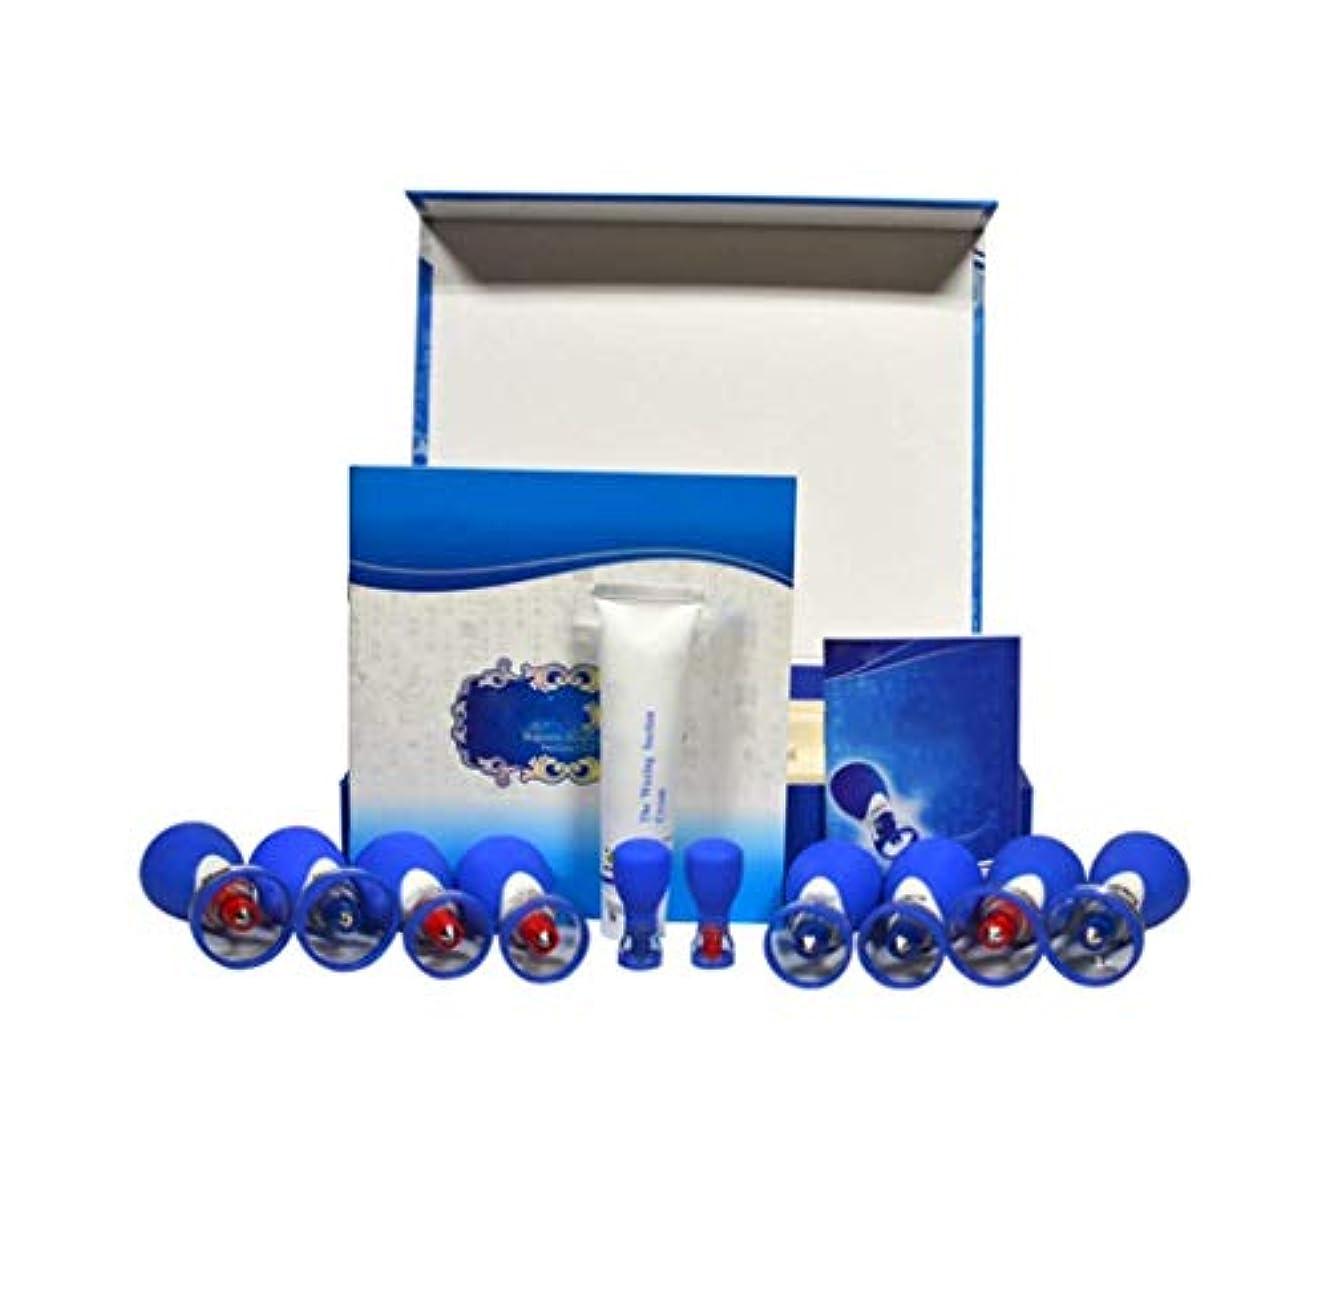 トランク場所バーター磁気カッピング、10カップ磁気指圧吸引カッピングセット、マッサージ筋肉関節痛の軽減